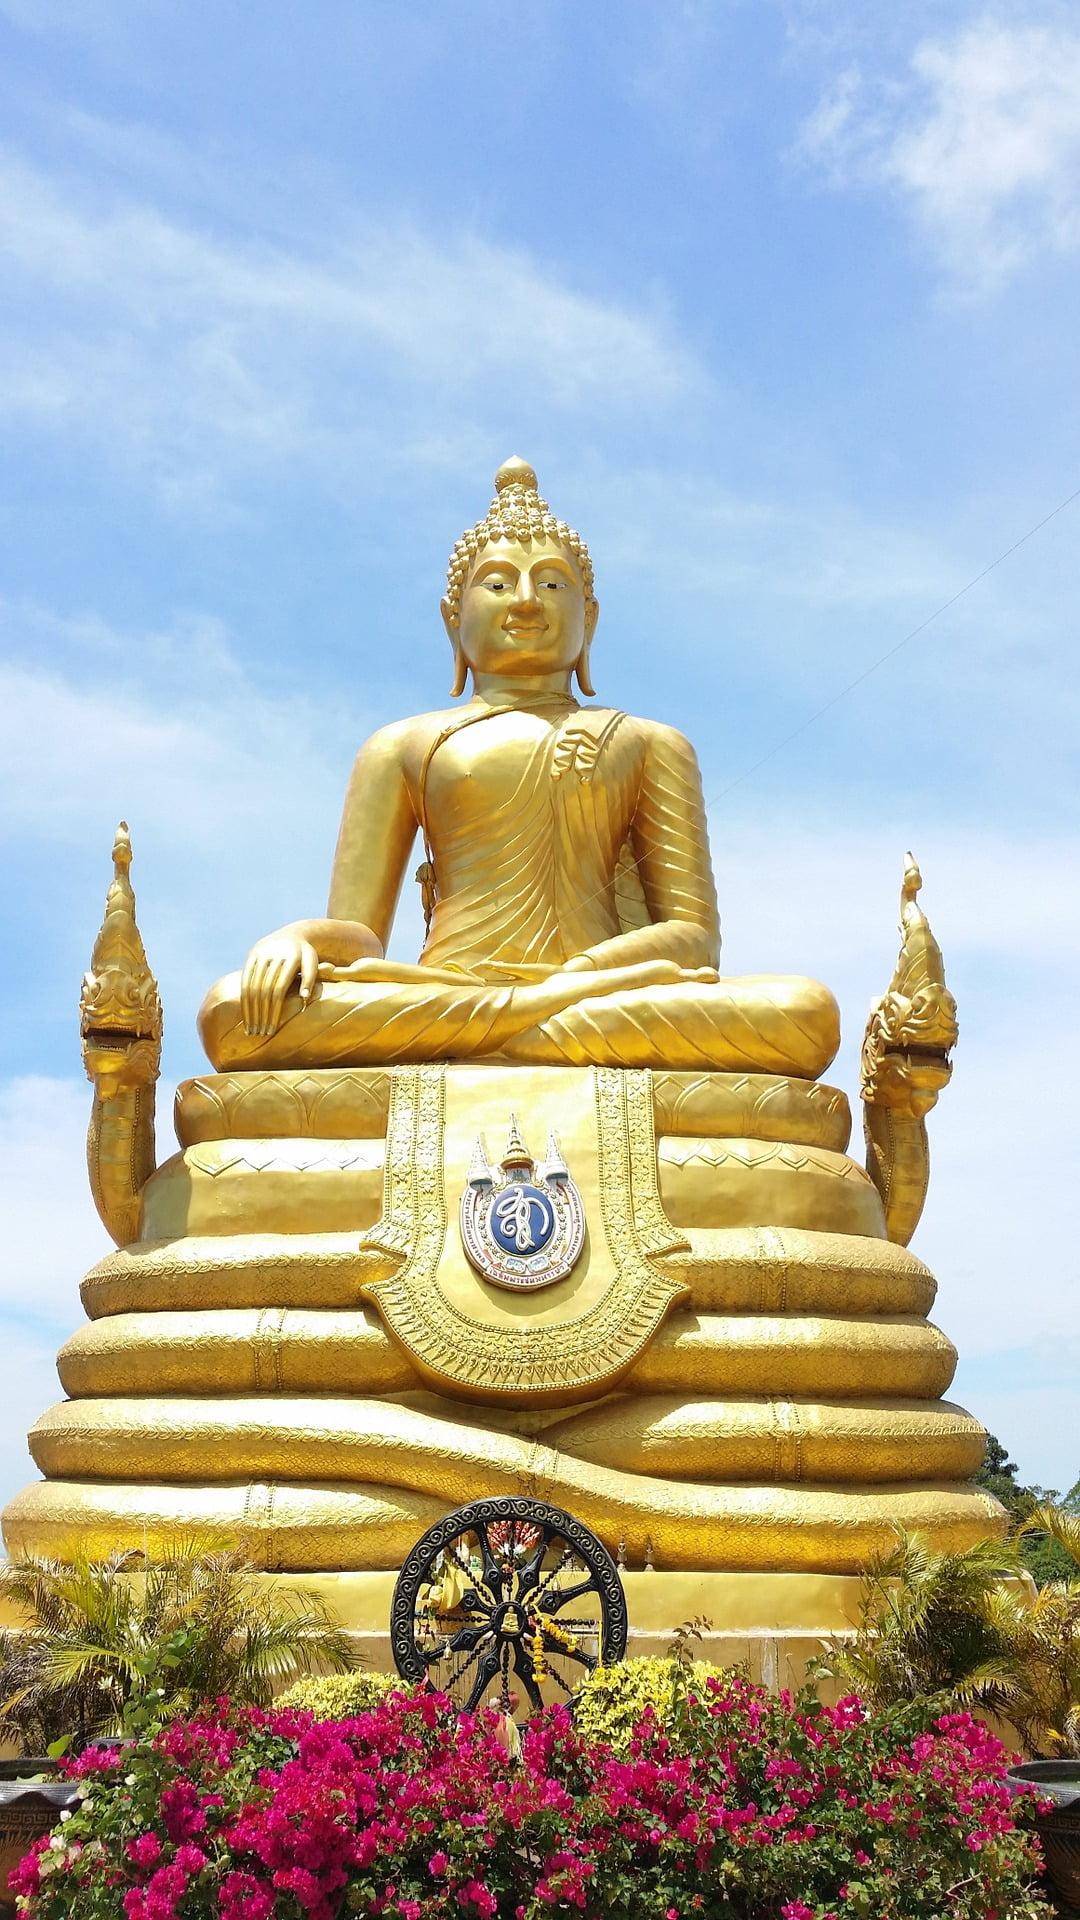 THAILANDA - PHUKET